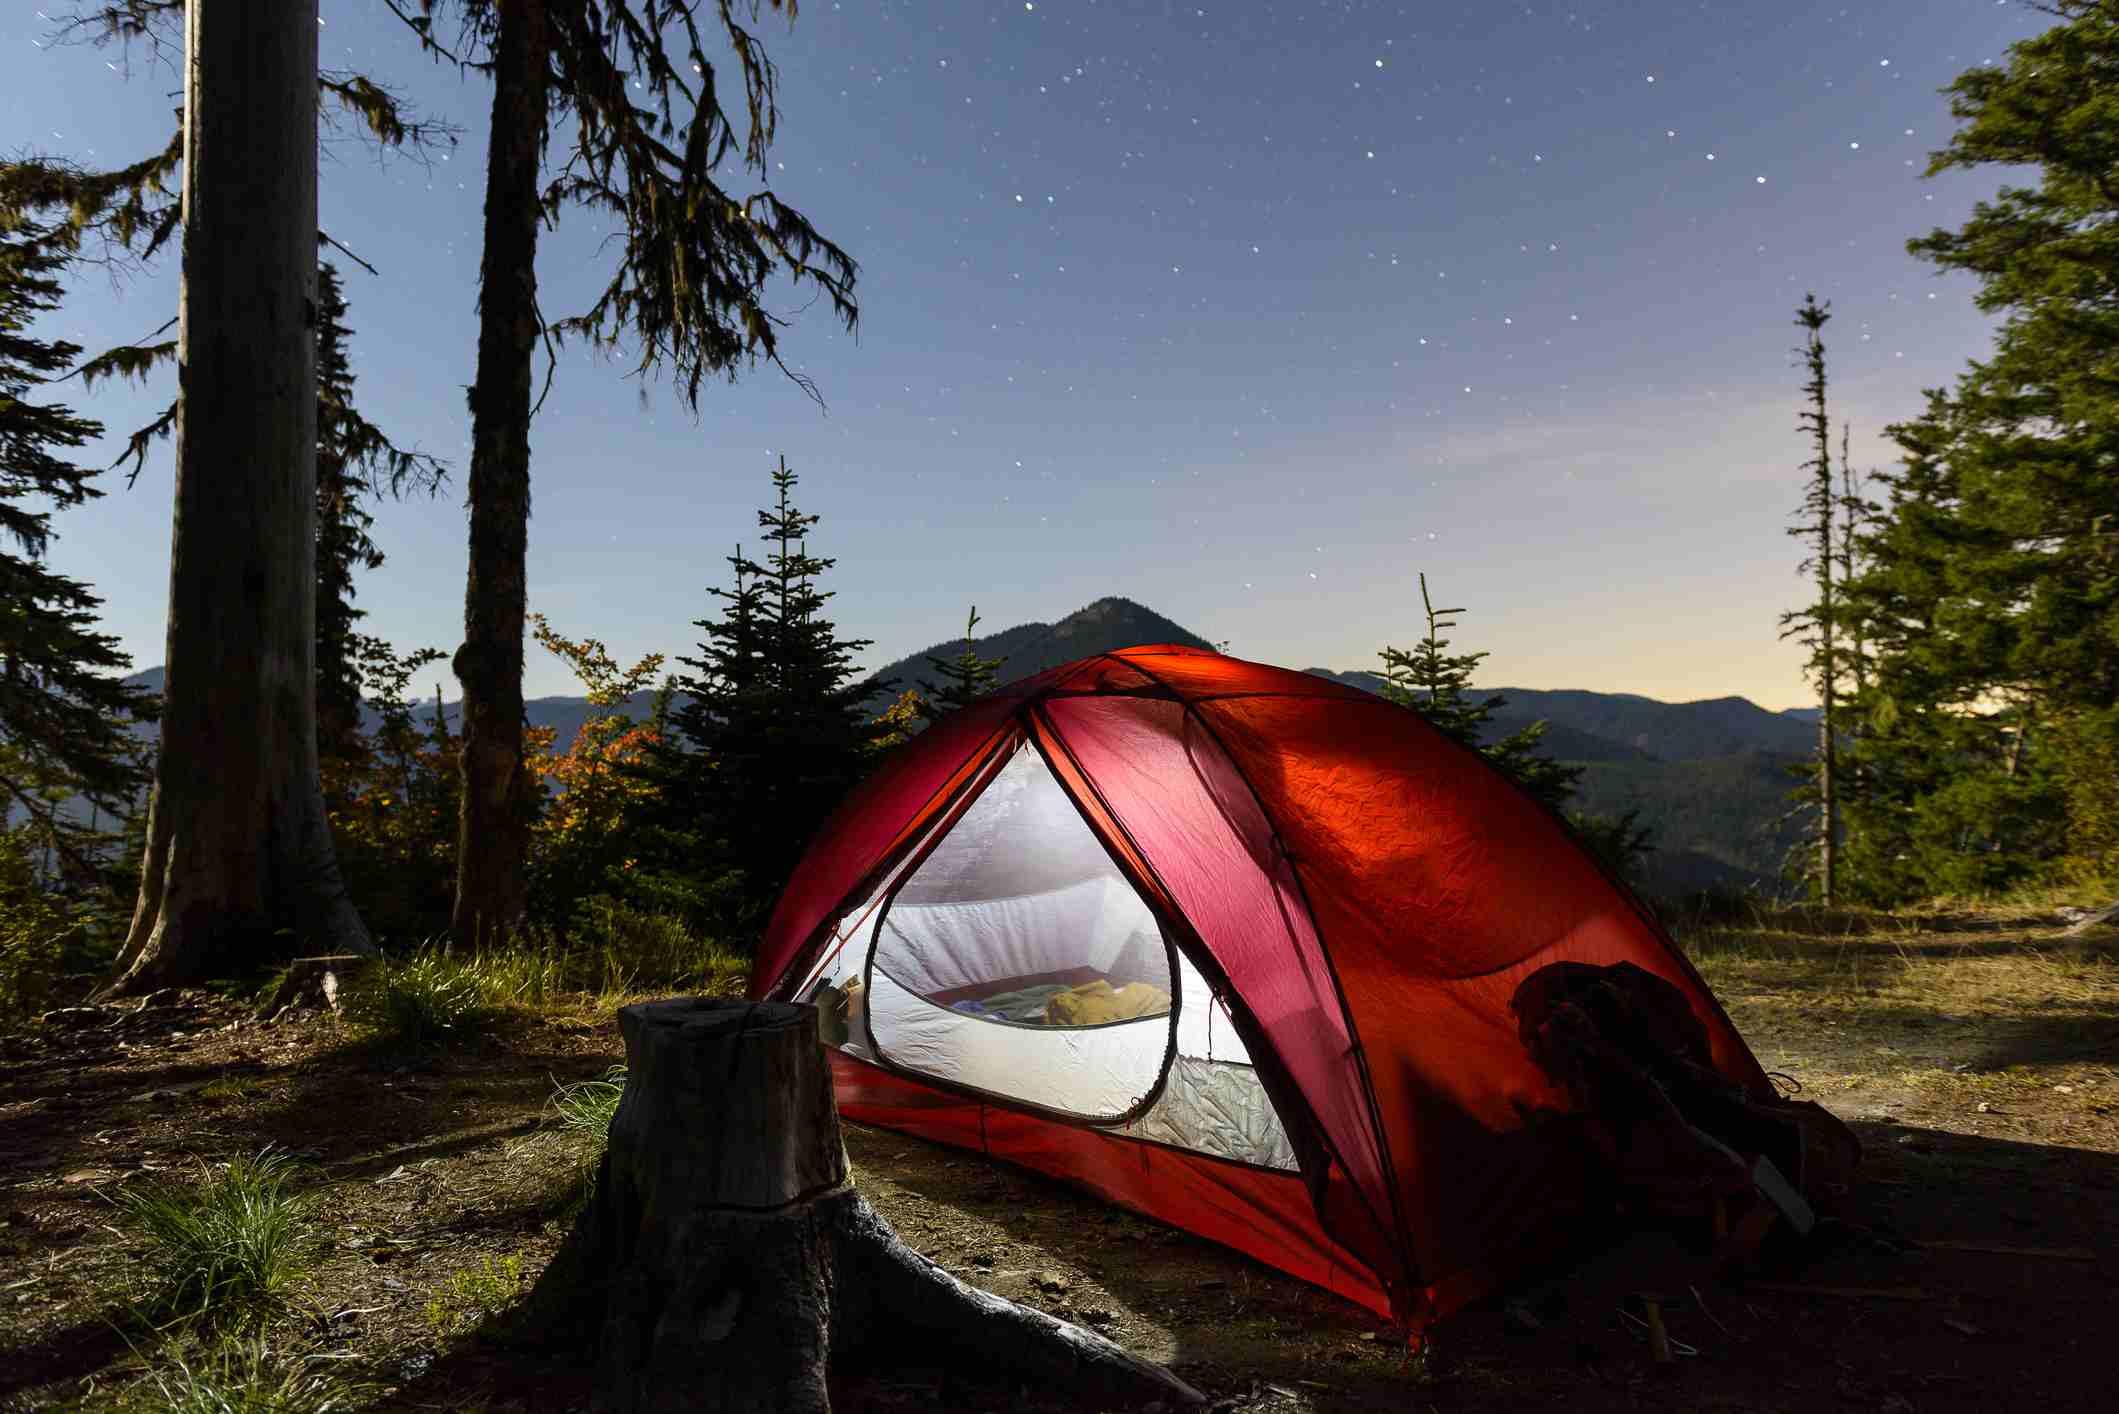 Illuminated tent on field against sky at dusk USA, Washington, Mount Rainier